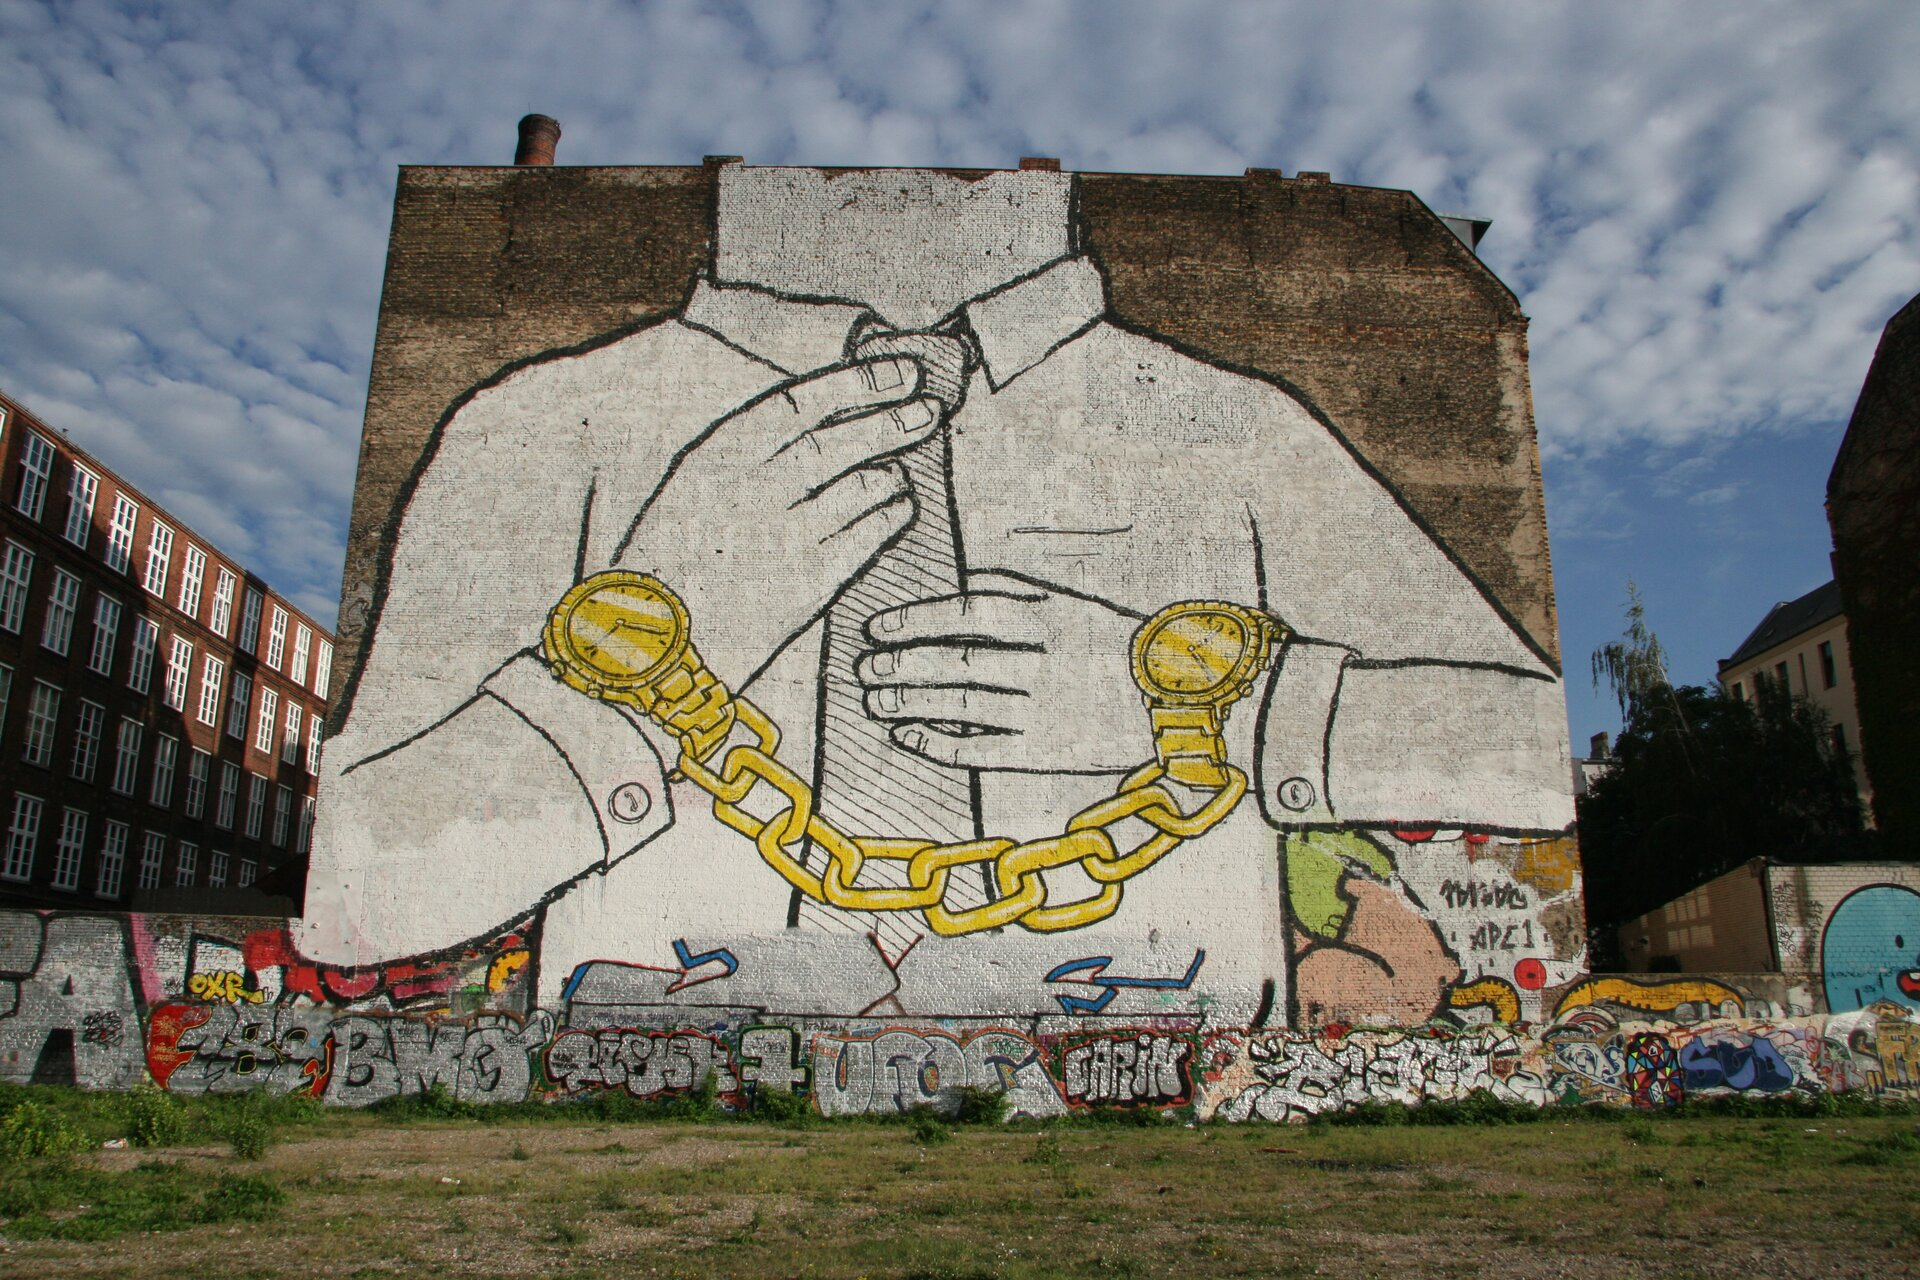 Ilustracja przedstawia czarno-biały street art BLU. Ukazuje ścianę, na której namalowany jest fragment mężczyzny wbiałej koszuli ikrawacie oraz złotych zegarkach na rękach, które połączone są złotym łańcuchem. Zegarki przypominają kajdanki. Na dole znajduje się szereg grafficiarskich napisów.